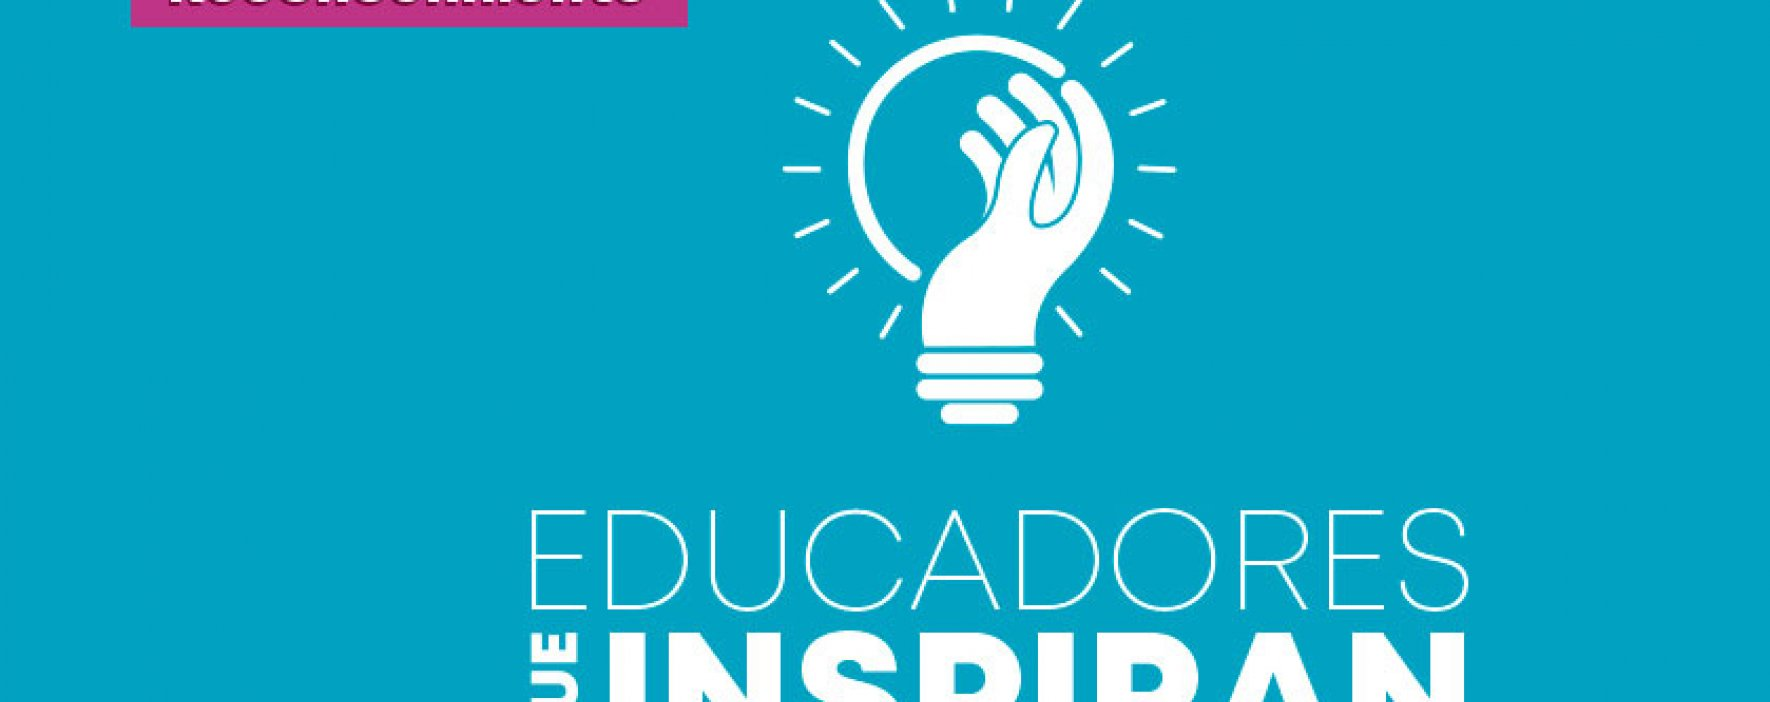 Educadores que Inspiran, un reconocimiento a la labor de maestros y directivos docentes de Colombia